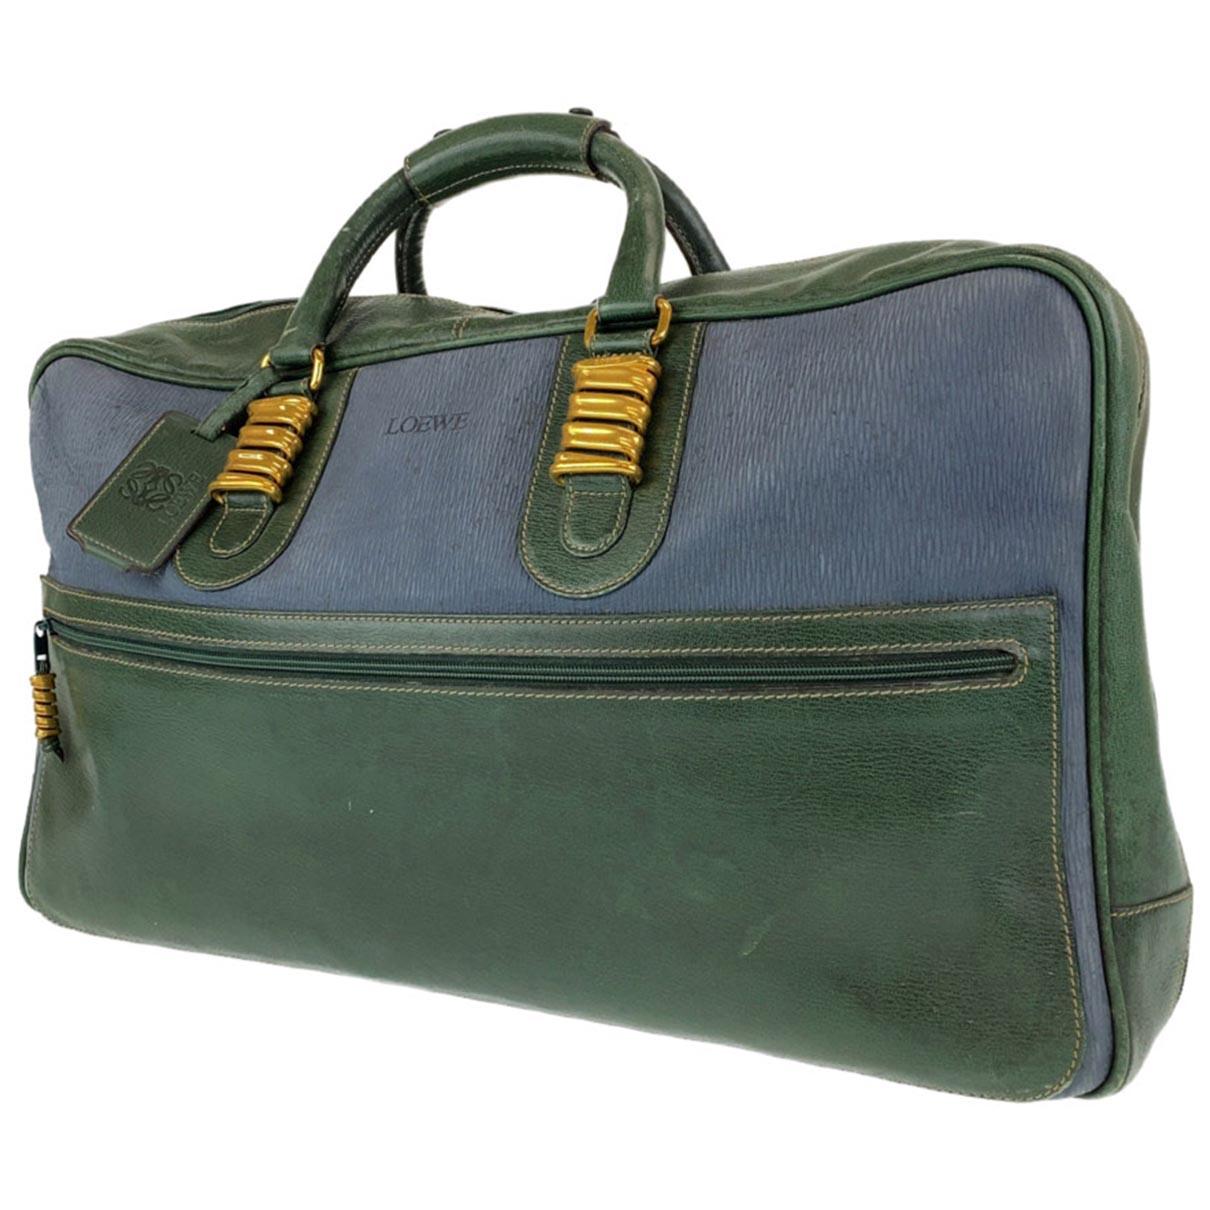 Loewe \N Leather bag for Men \N